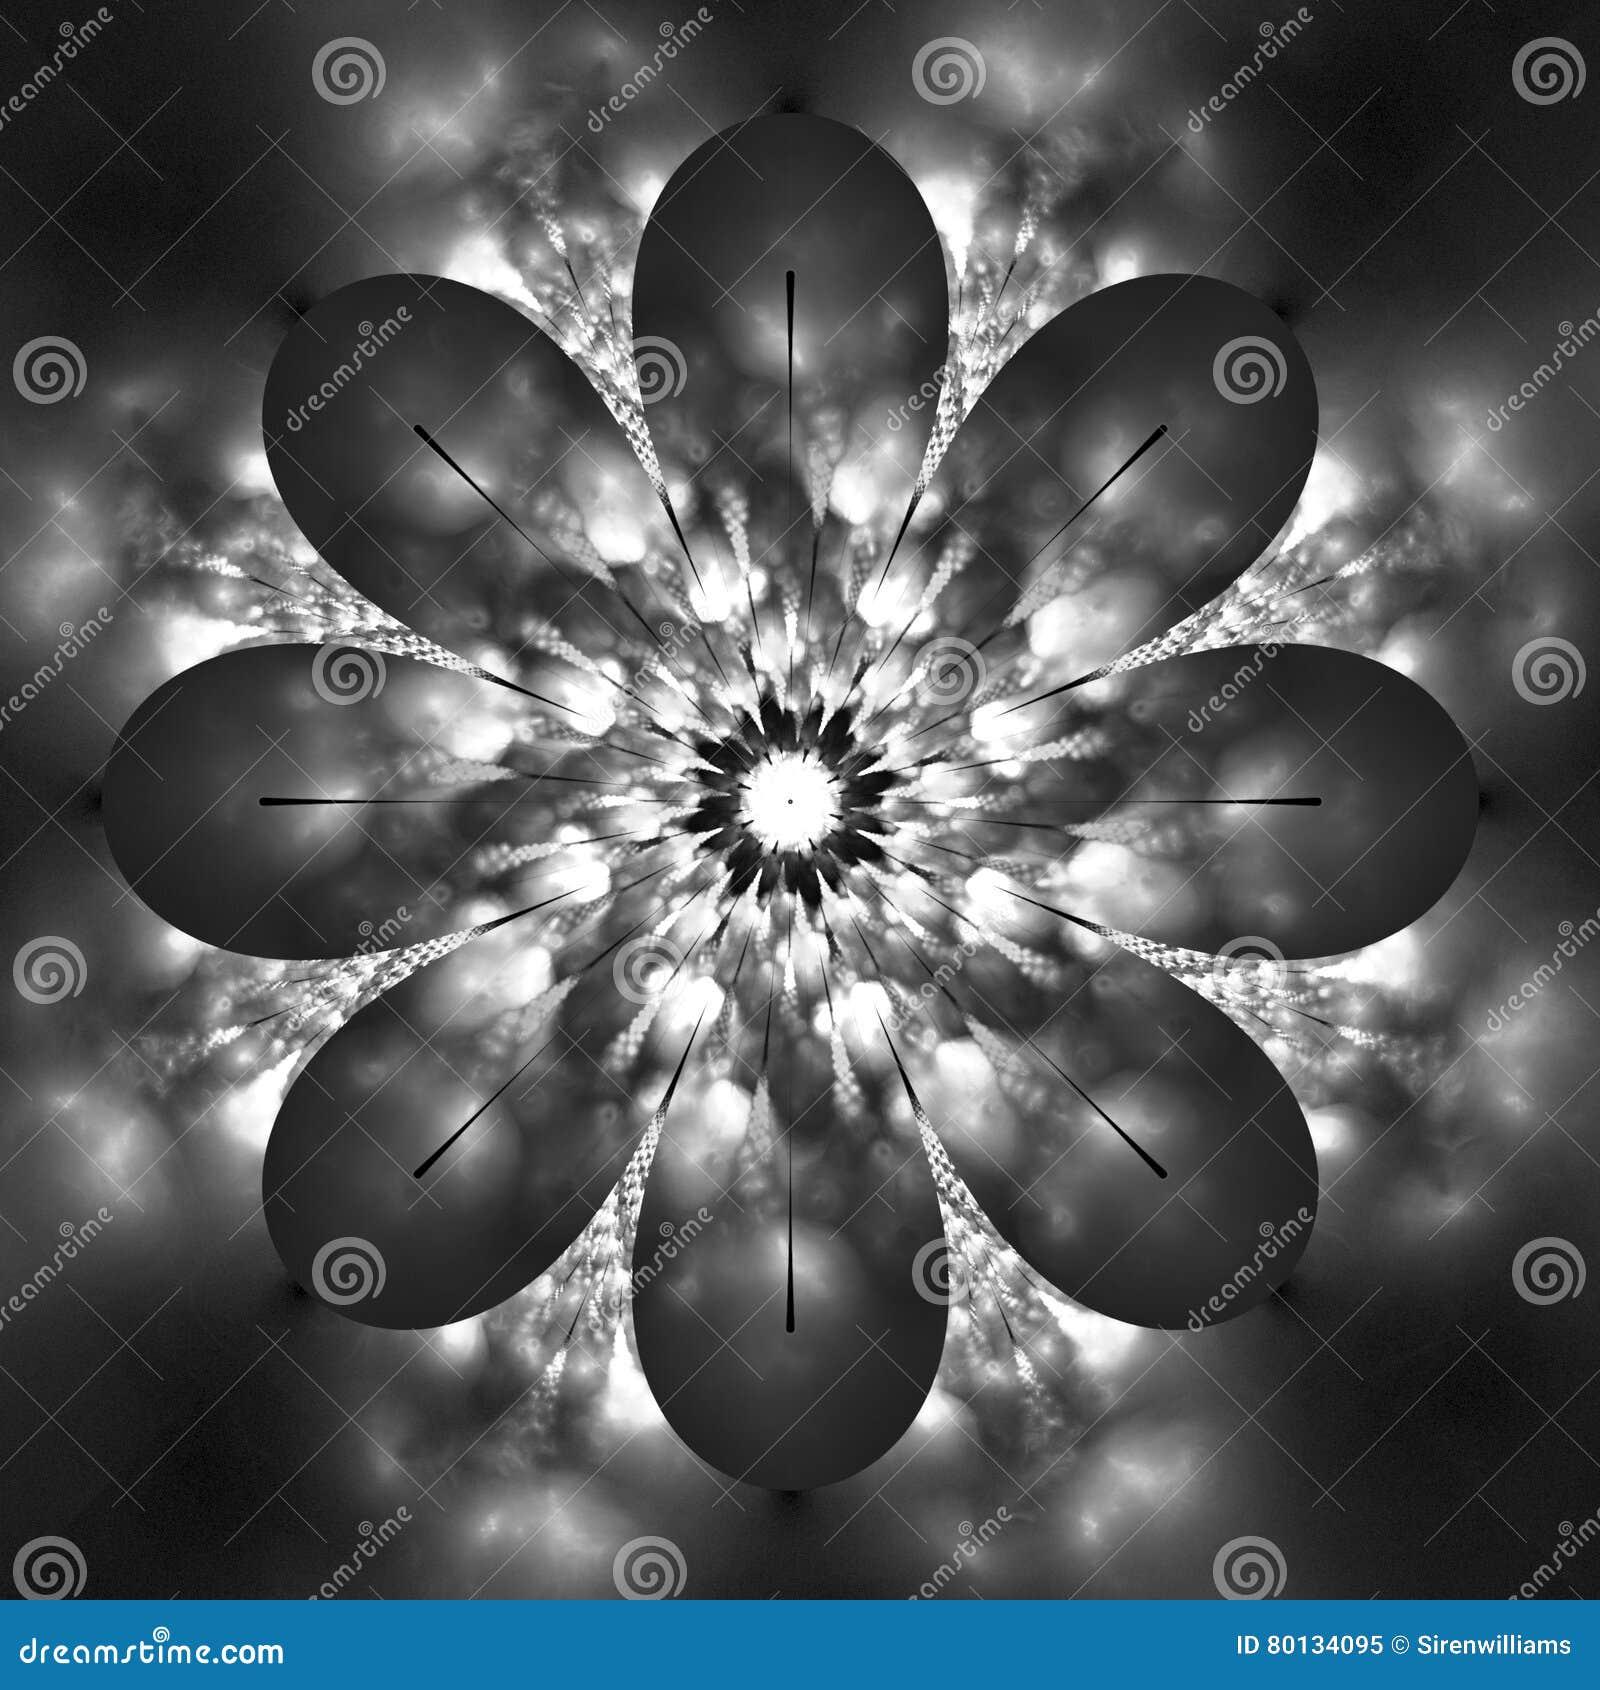 3d7e6de5f Abstract Flower Mandala On Black Background. Stock Illustration ...